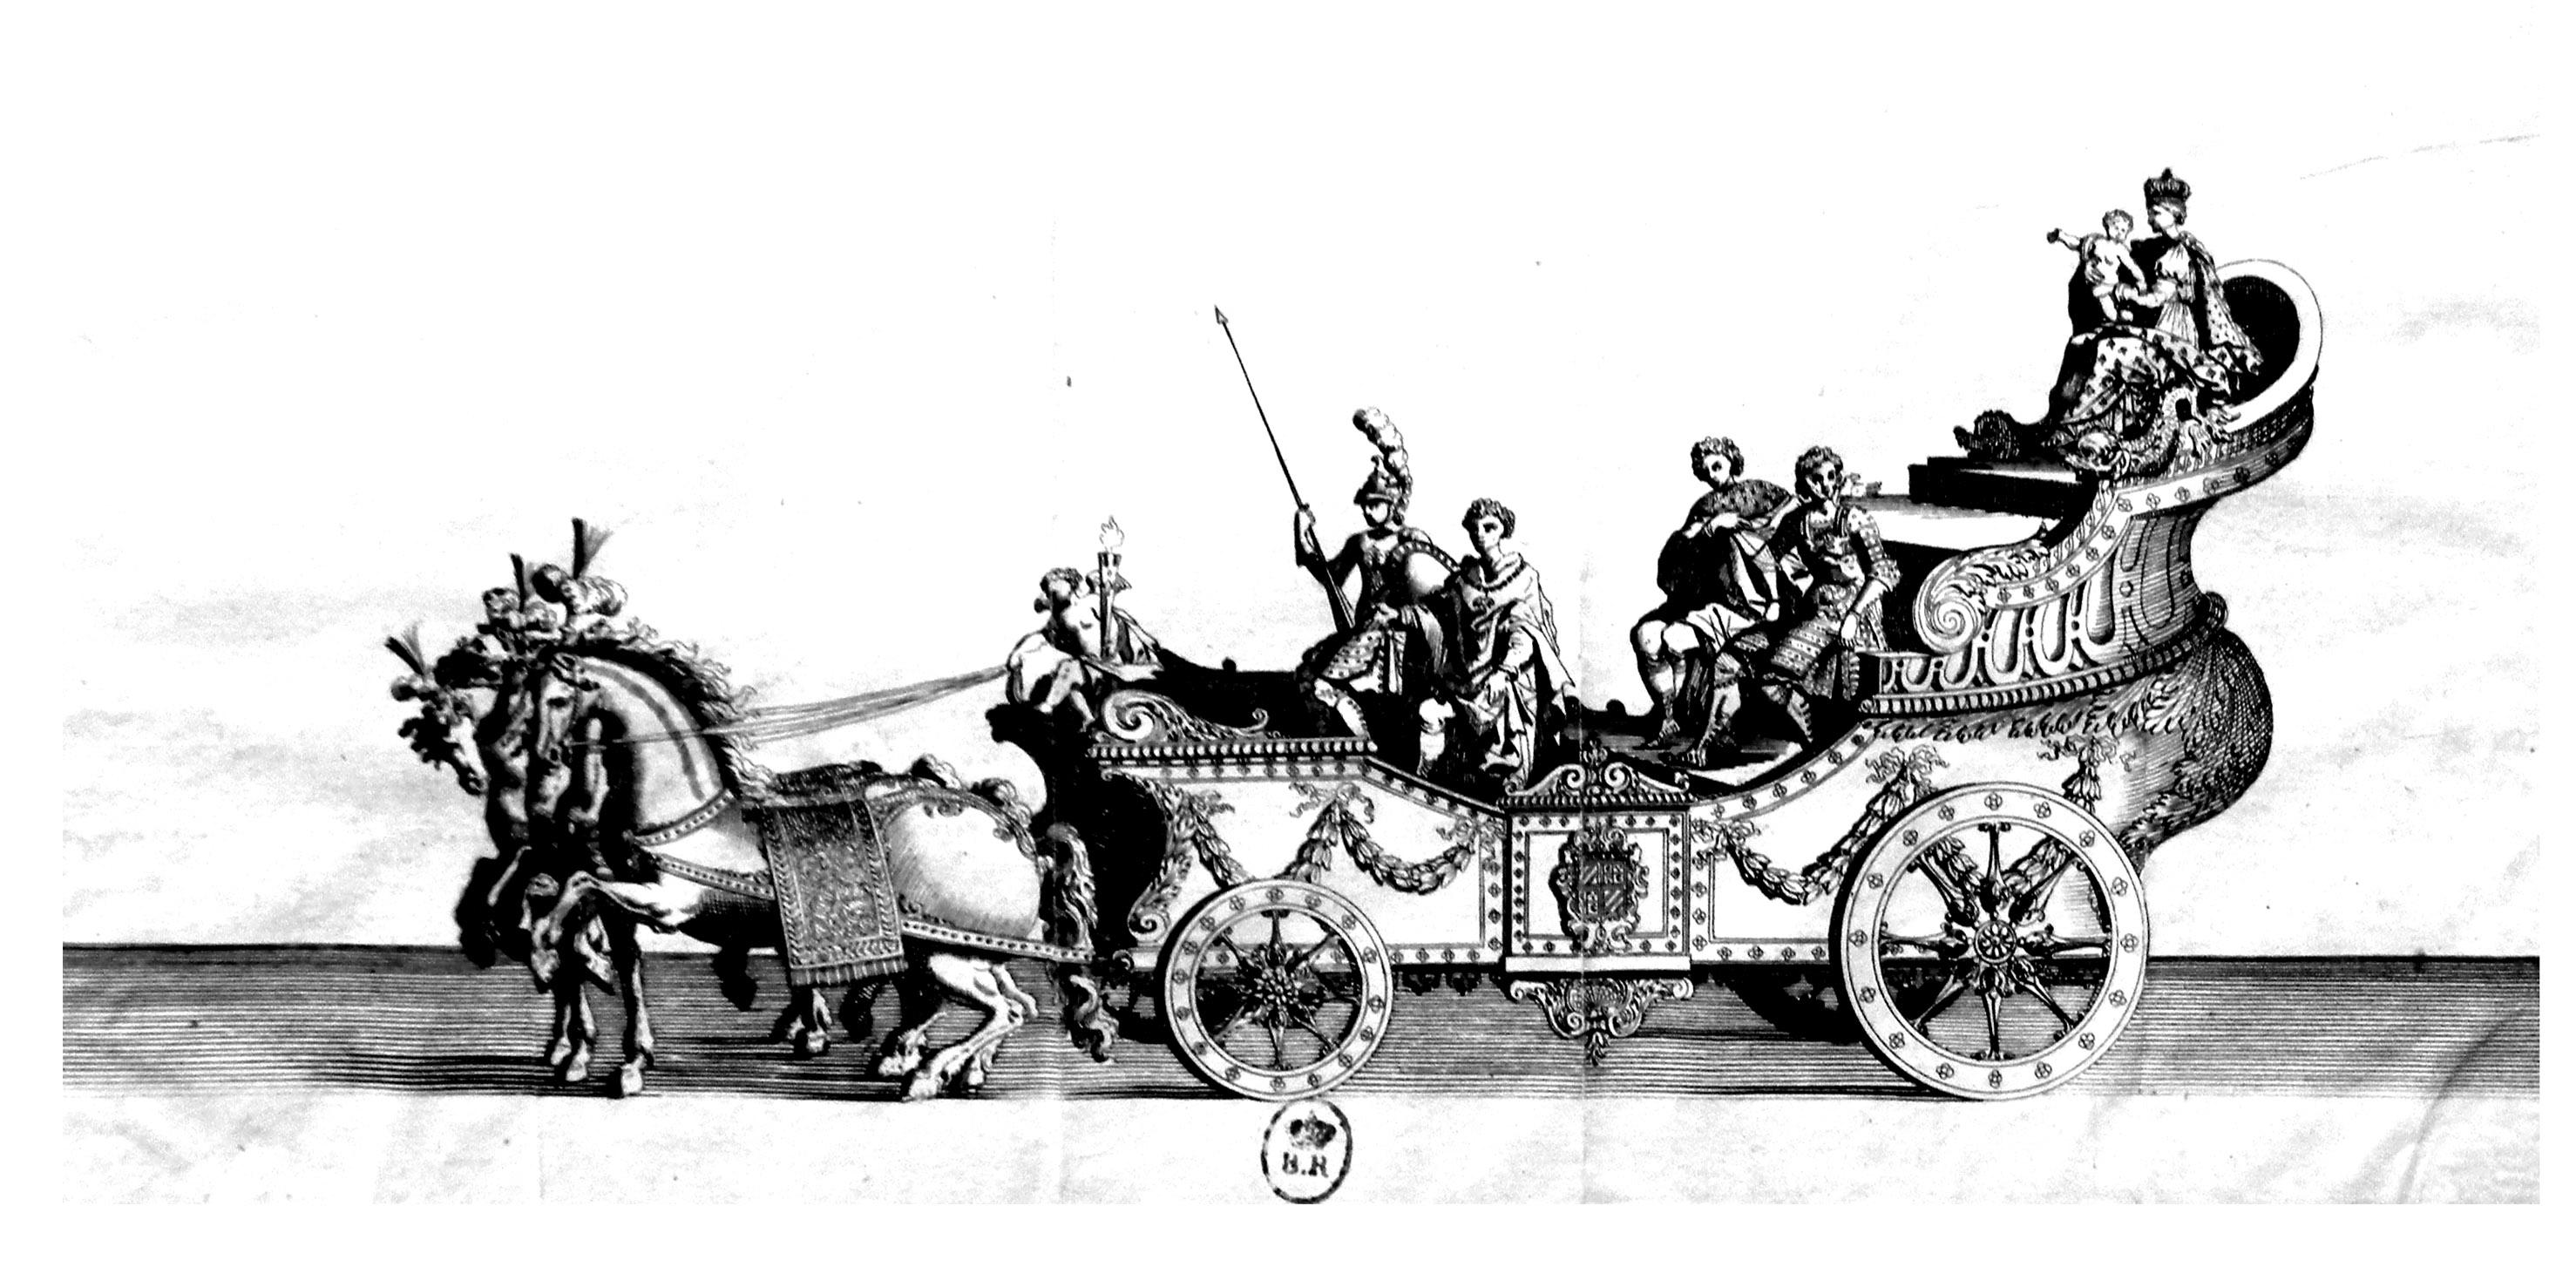 Gravure datant de 1682 : Parade en carrosse pour la naissance du Duc de Bourgogne. Très détaillé, cet ancien dessin peut être colorié